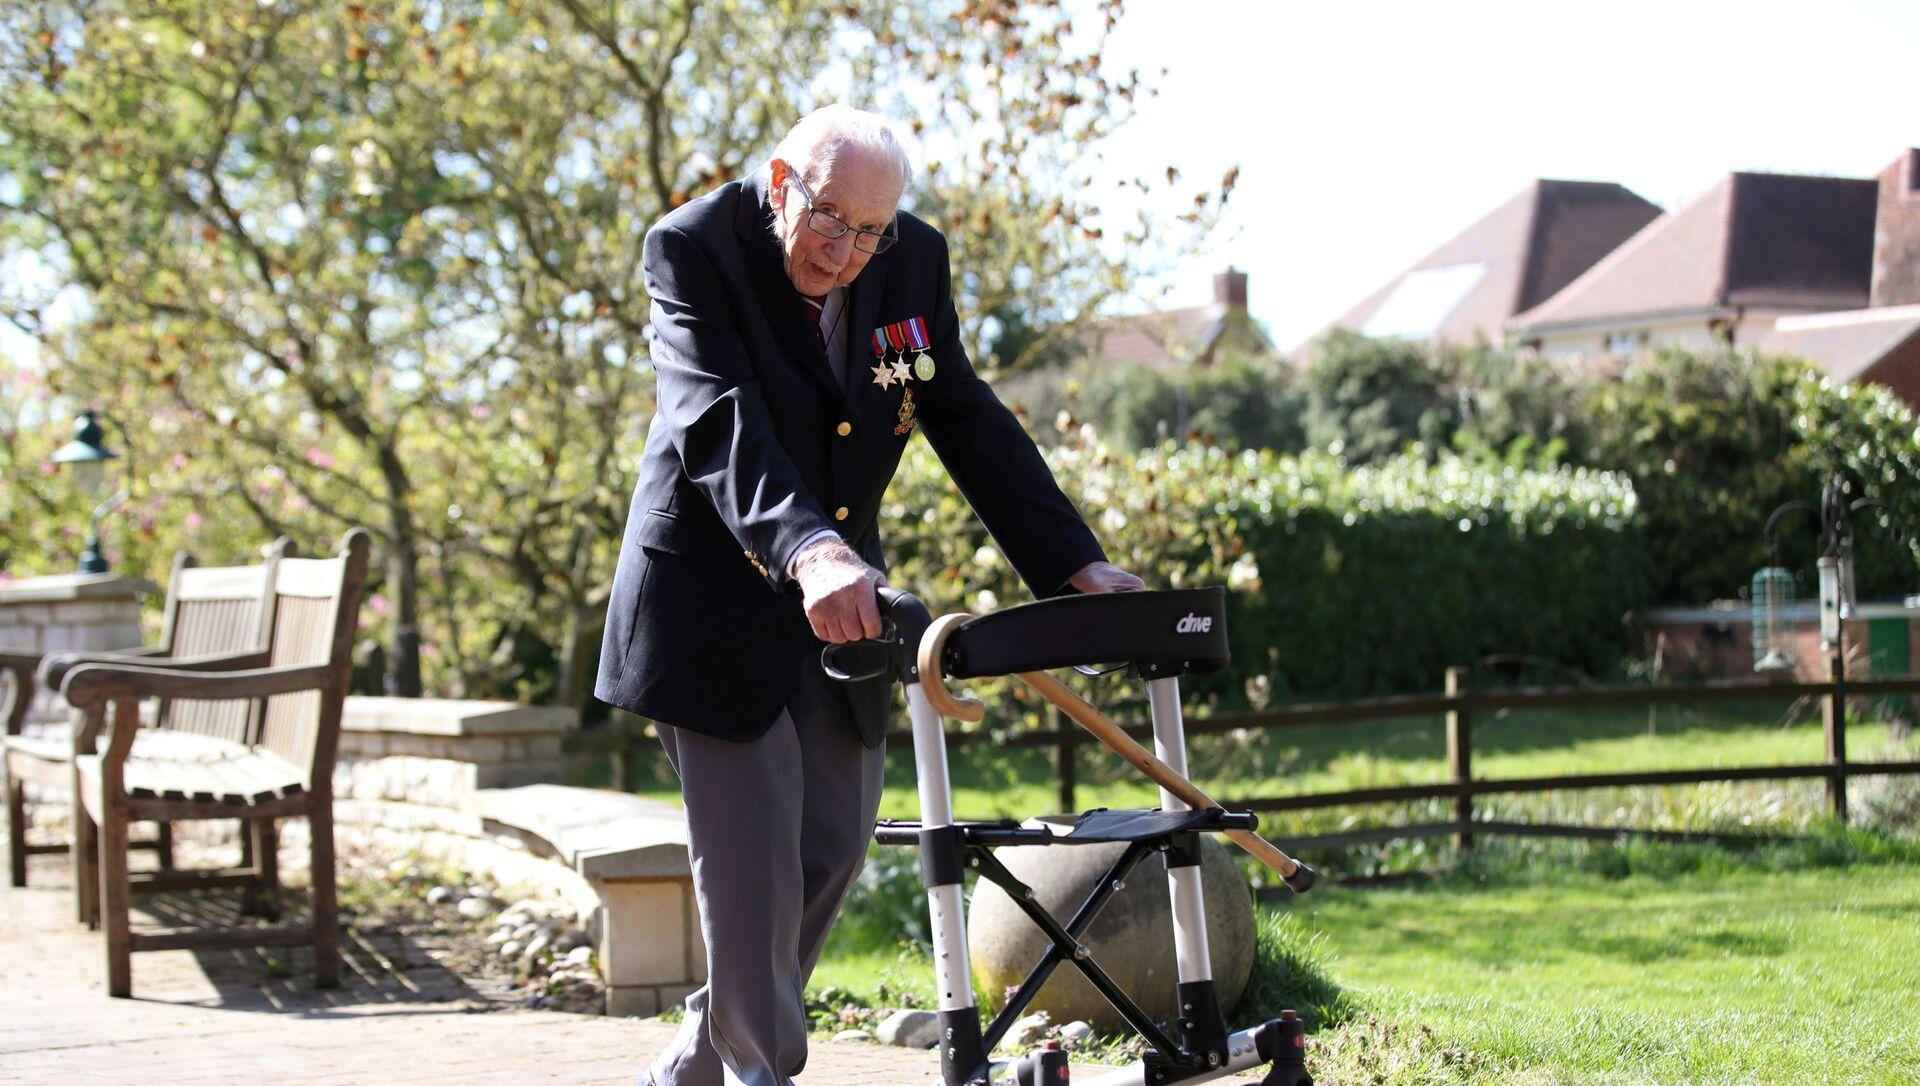 El capitán Tom Moore, veterano británico de la Segunda Guerra Mundial  - Sputnik Mundo, 1920, 02.02.2021